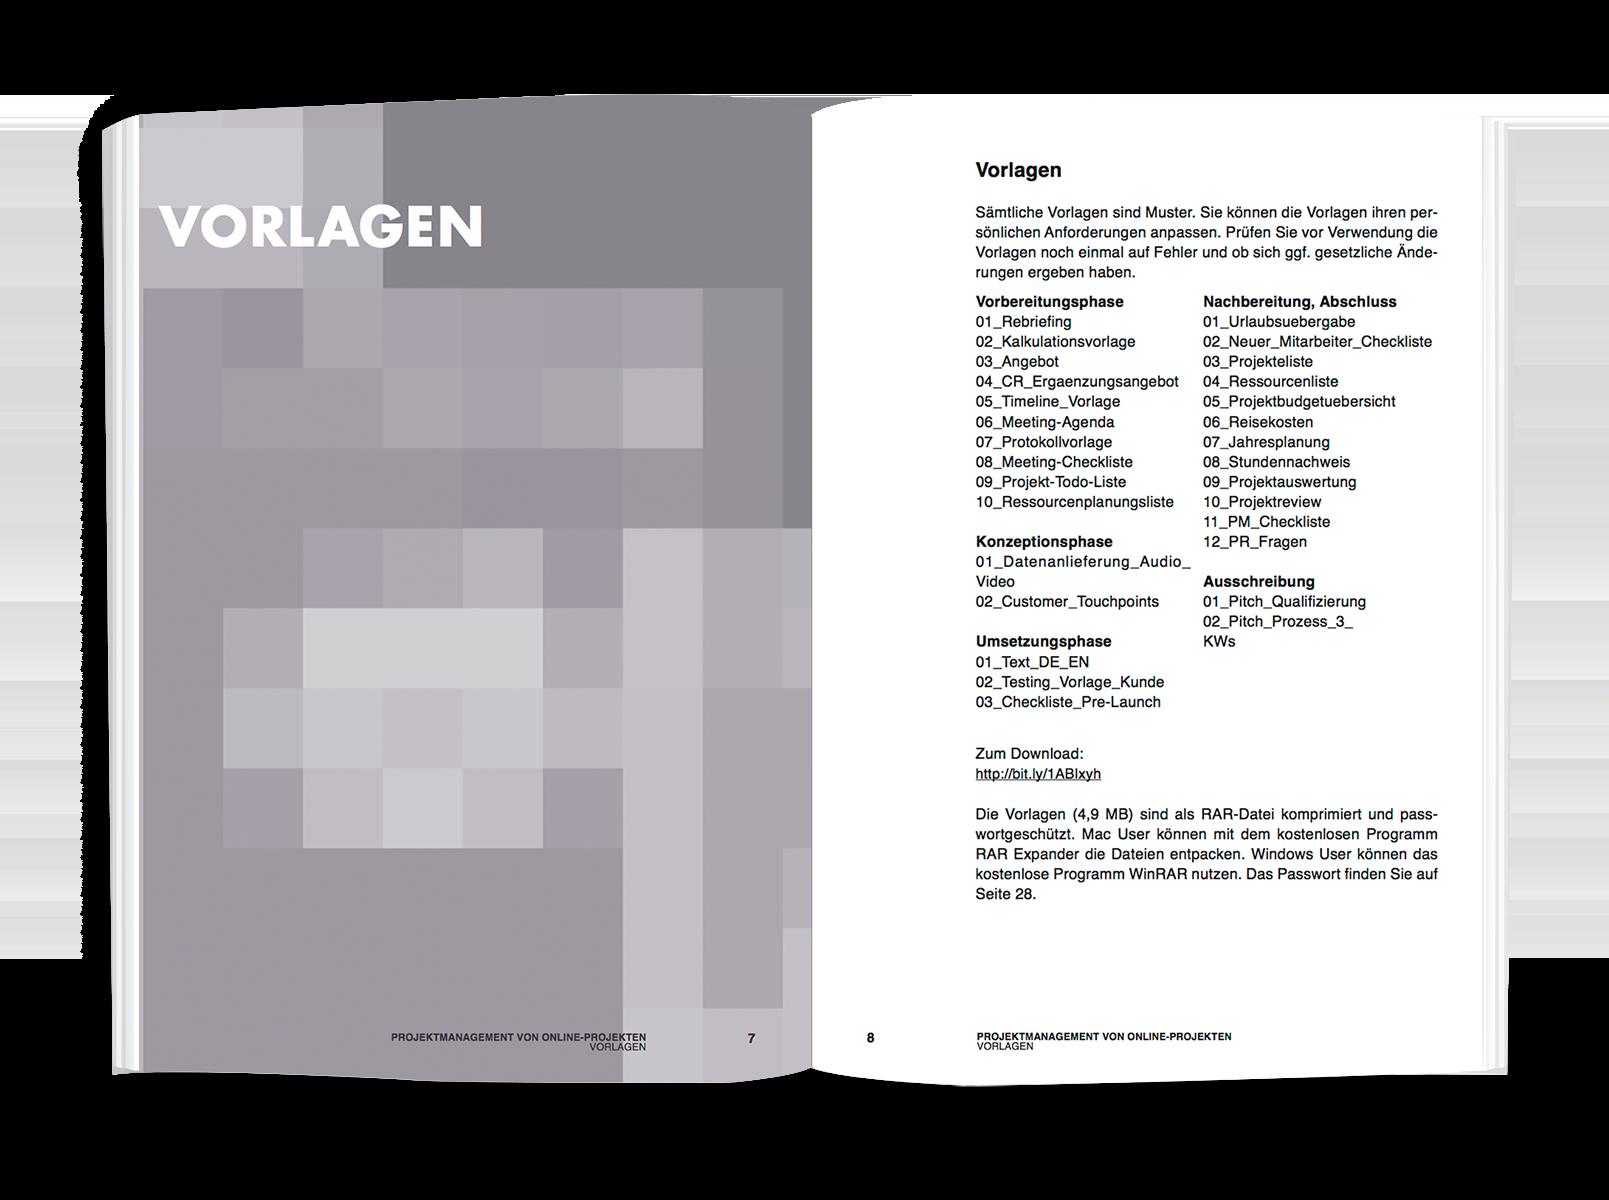 Projektmanagement von Online-Projekten - Vorlagen